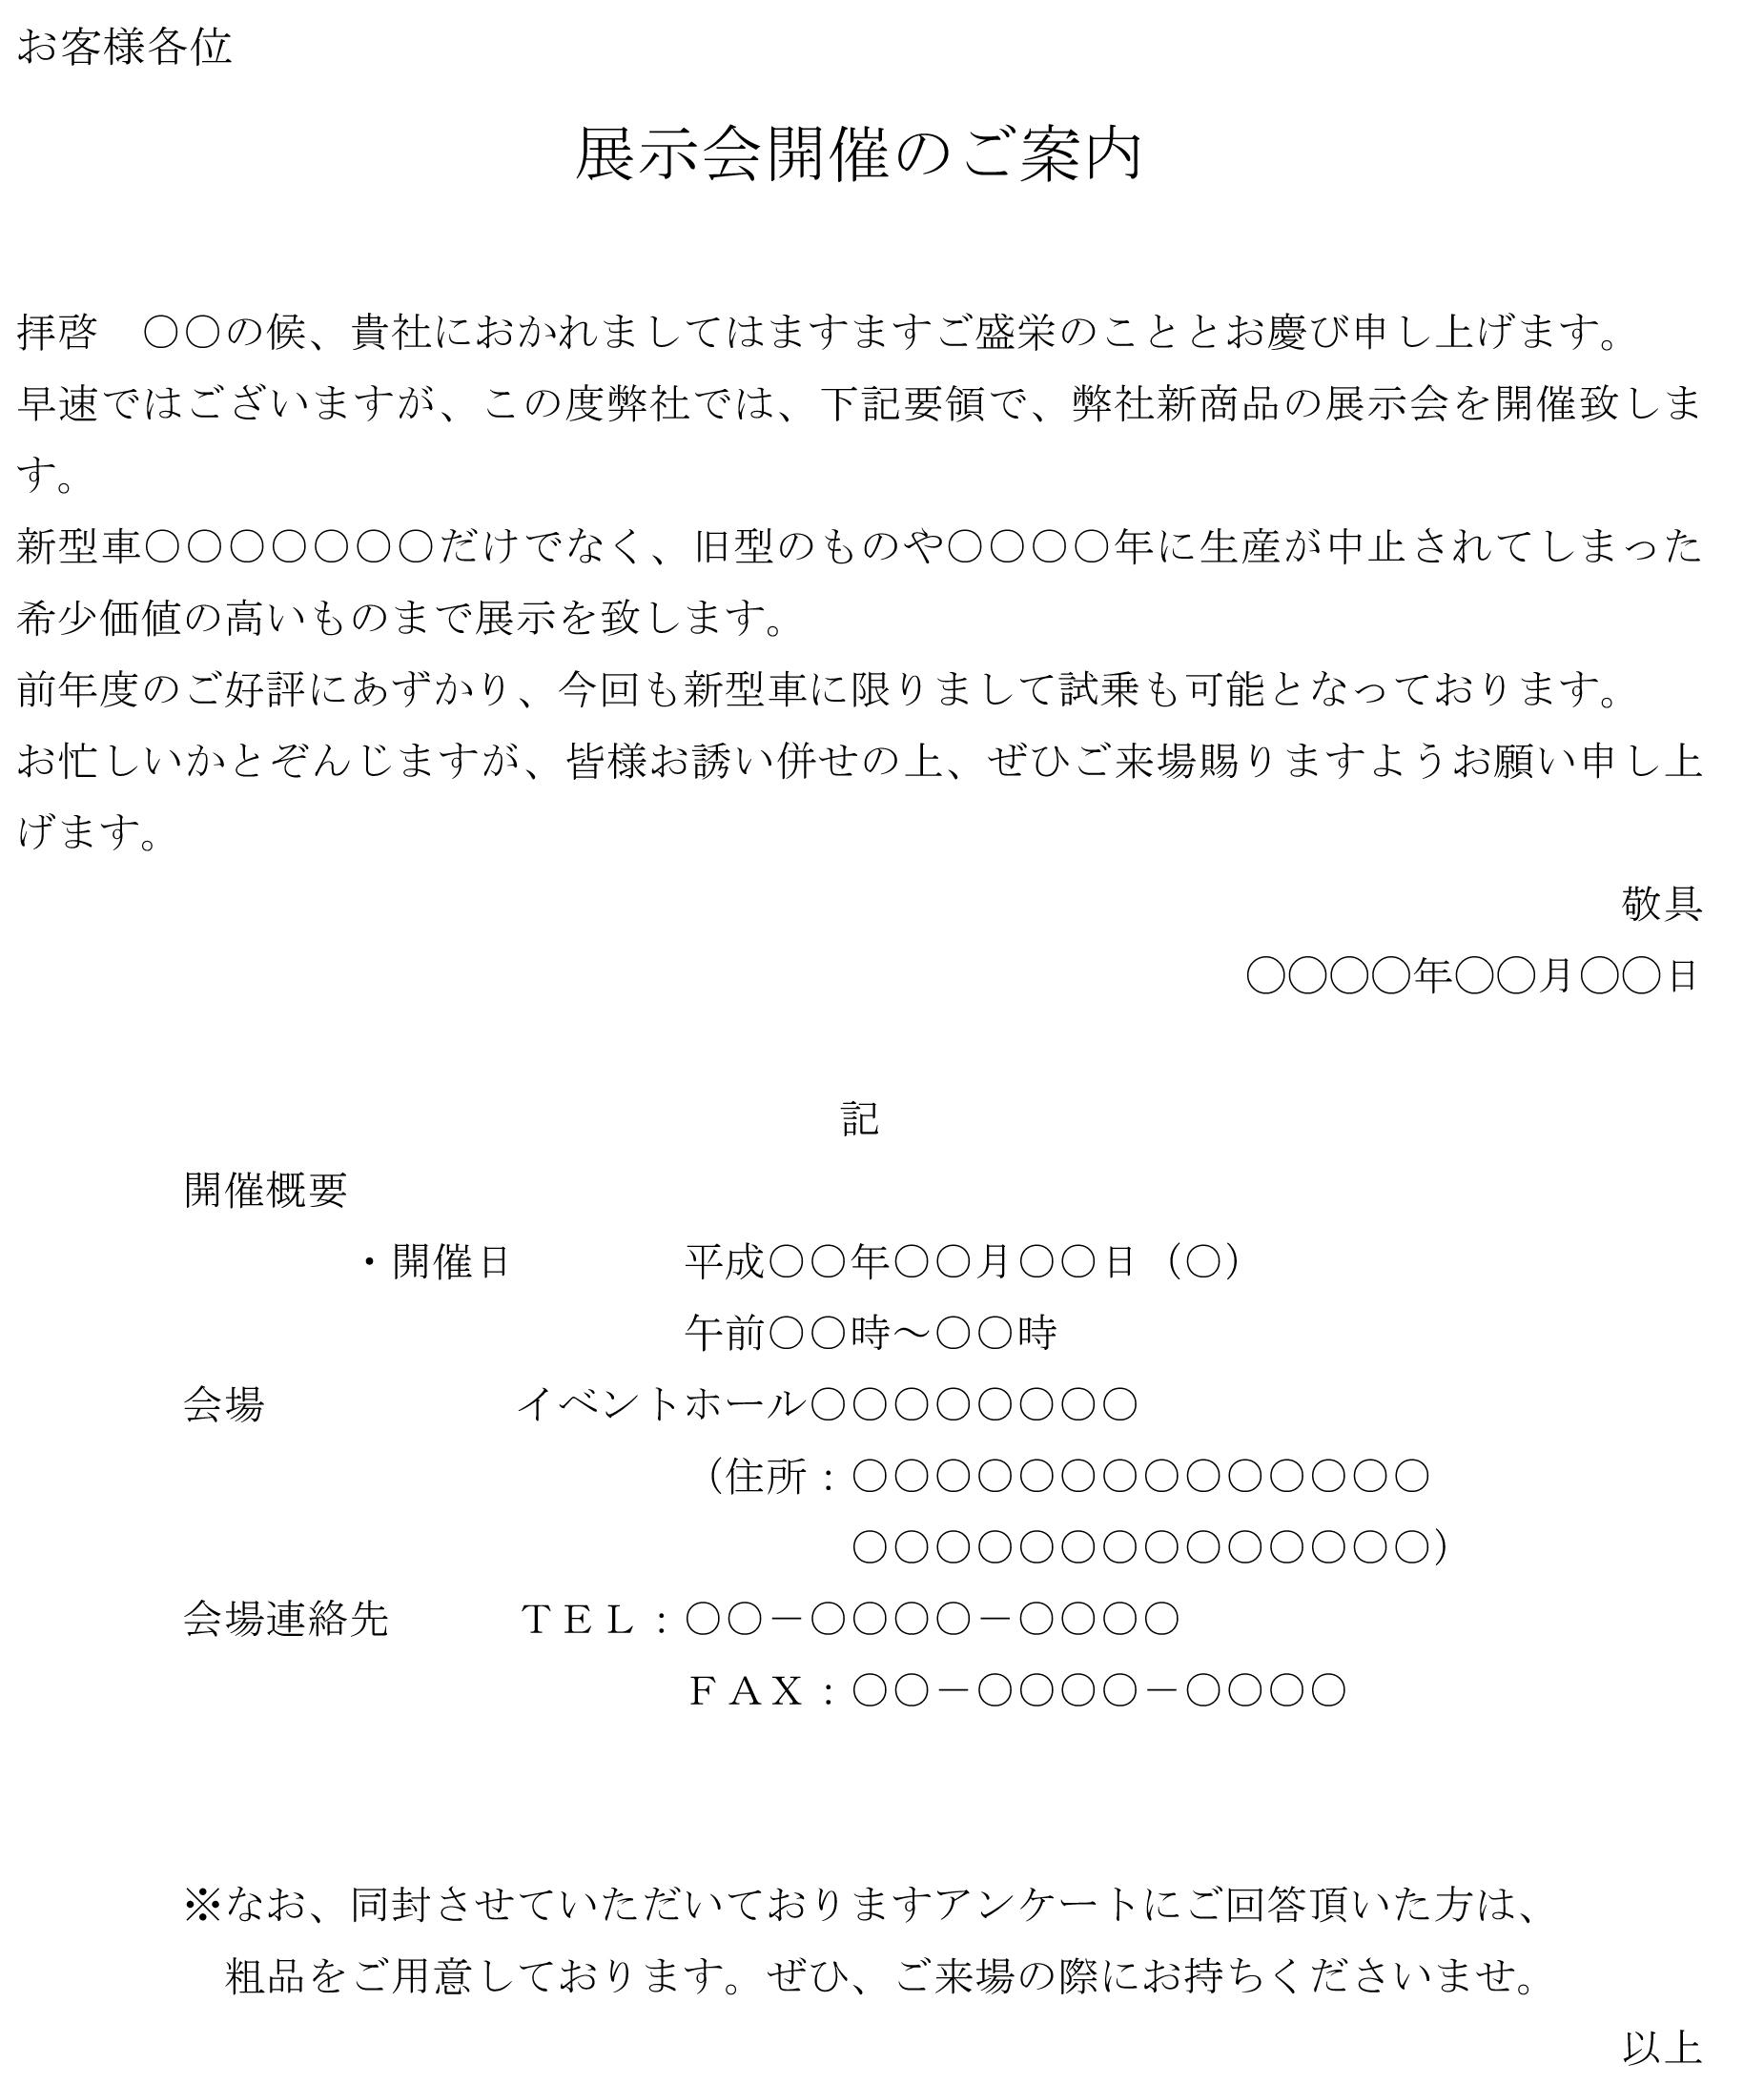 案内状(展示会開催)02